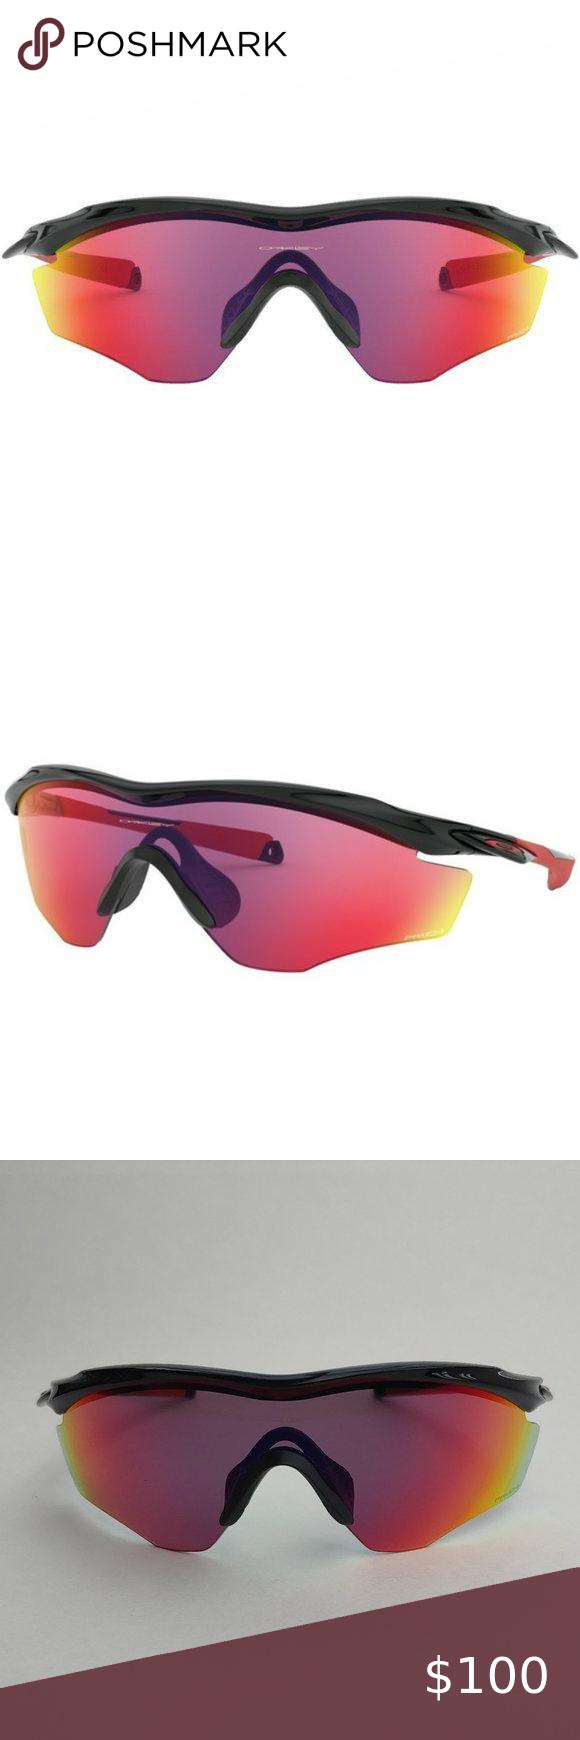 Oakley M2 Frame Xl Prizm Road Sunglasses Sunglasses Oakley Sunglasses Accessories